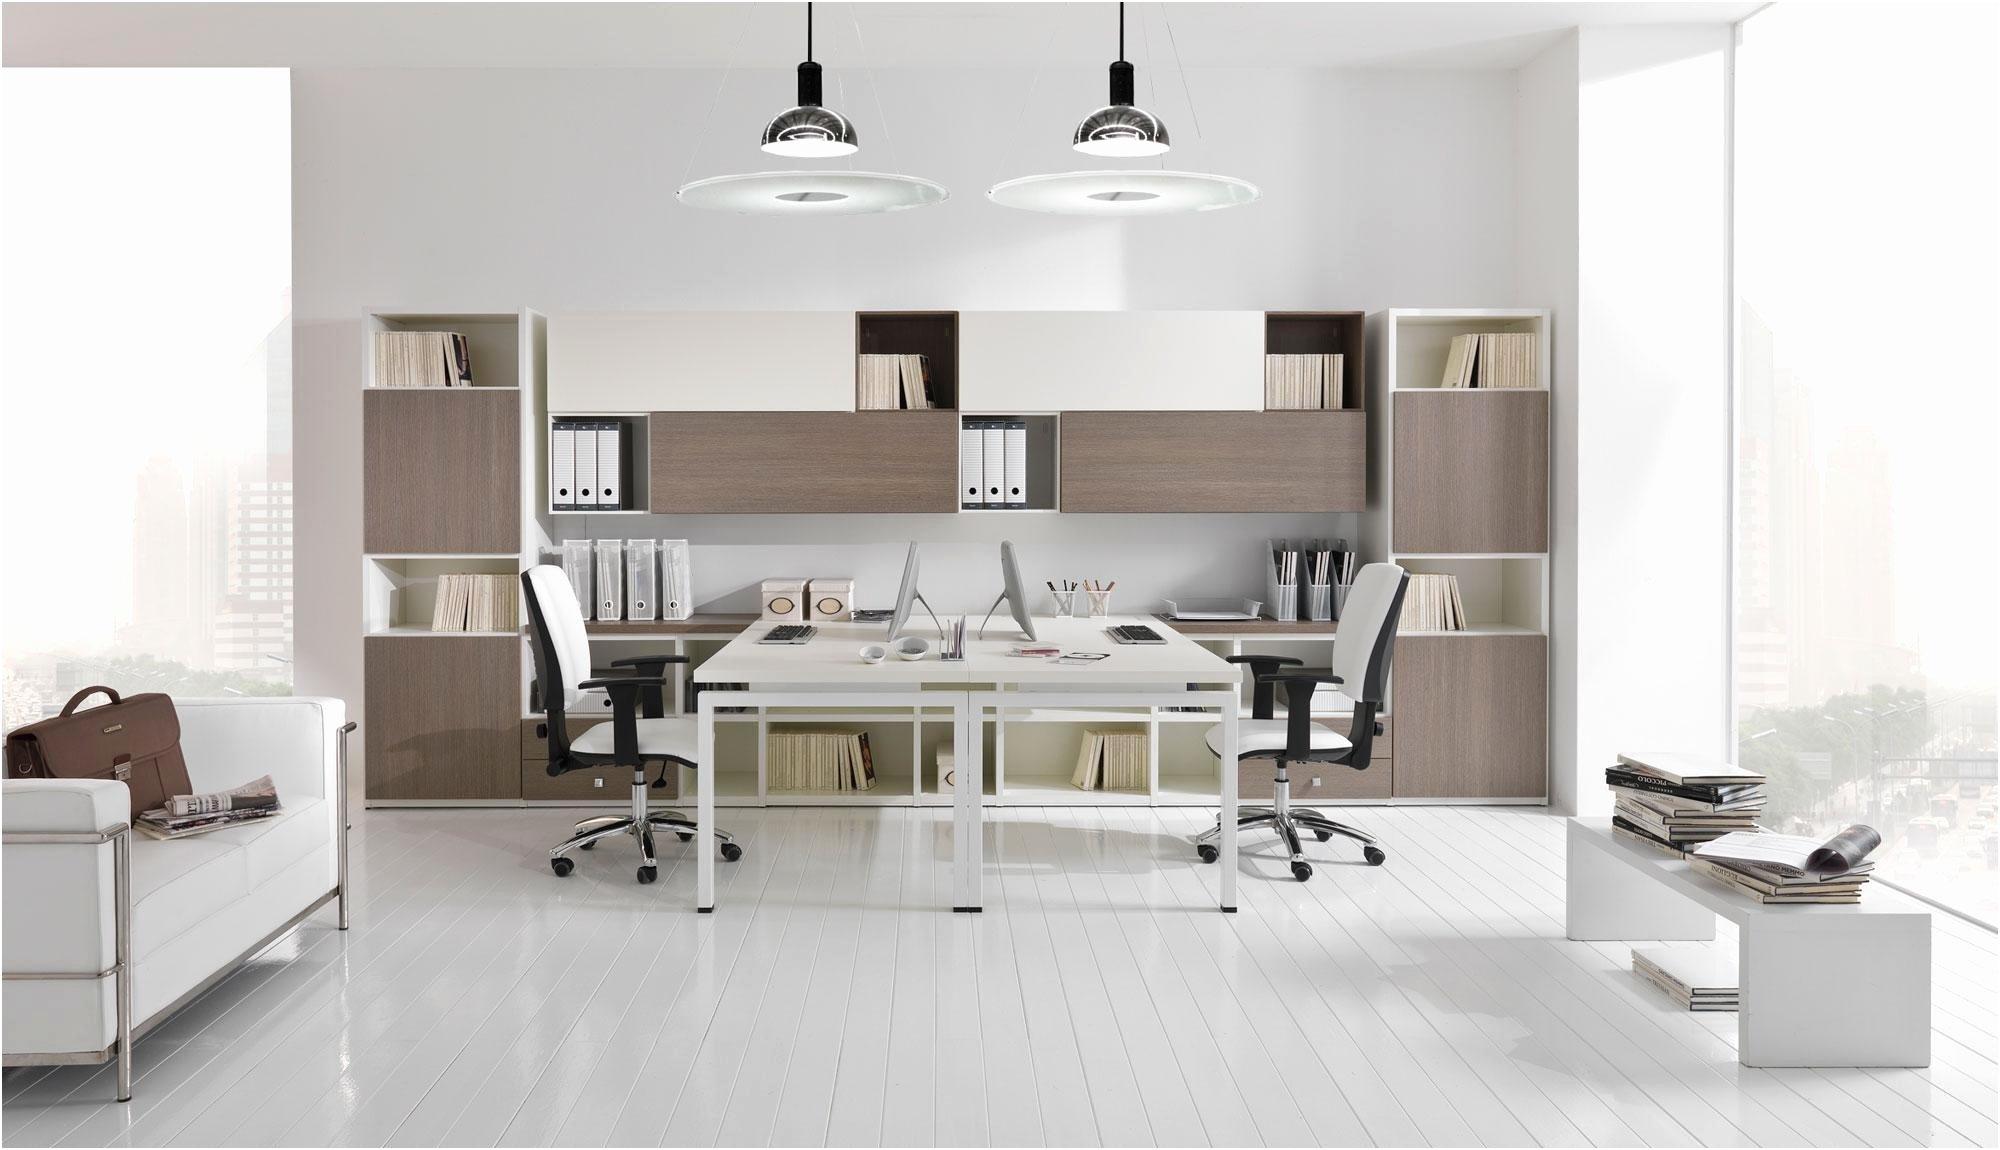 Arredamento ufficio economico eccezionale mobi for Arredamento ufficio economico